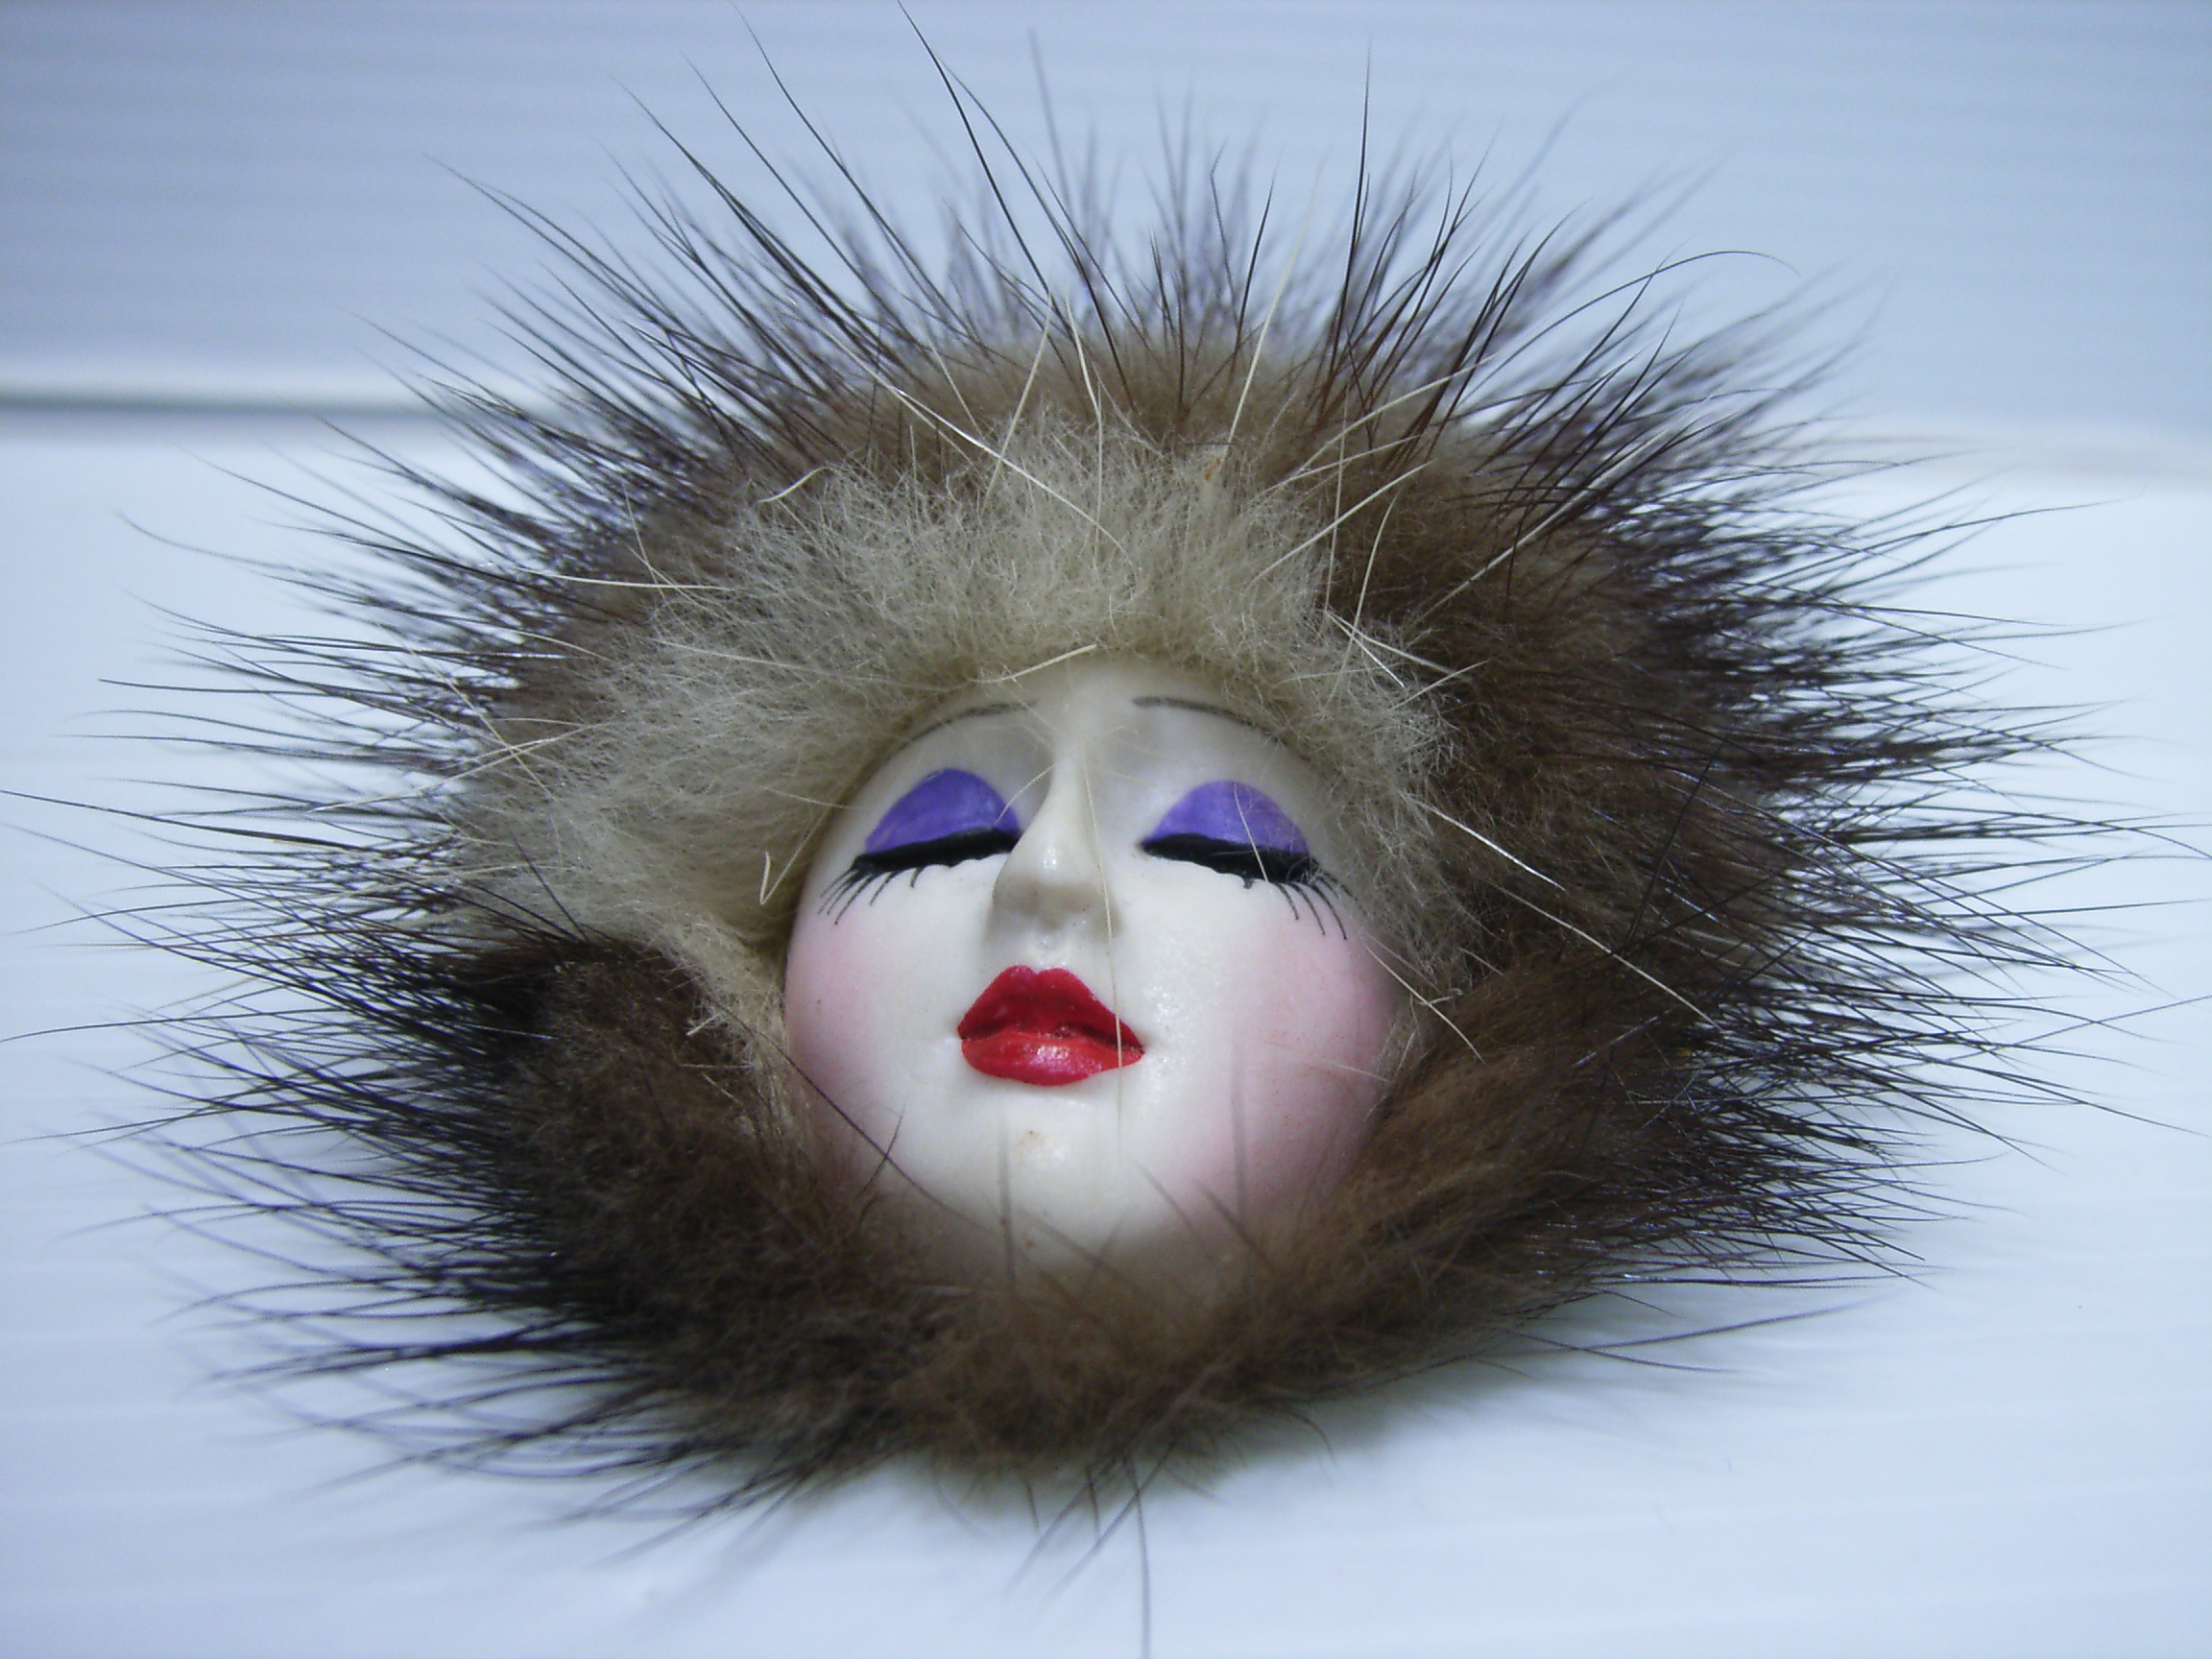 ヴィンテージ モダンガール ビスク 女性の顔 6.7cm 11.7g ブローチ ペンダントヘッド 当時物 現状 【TO3561】